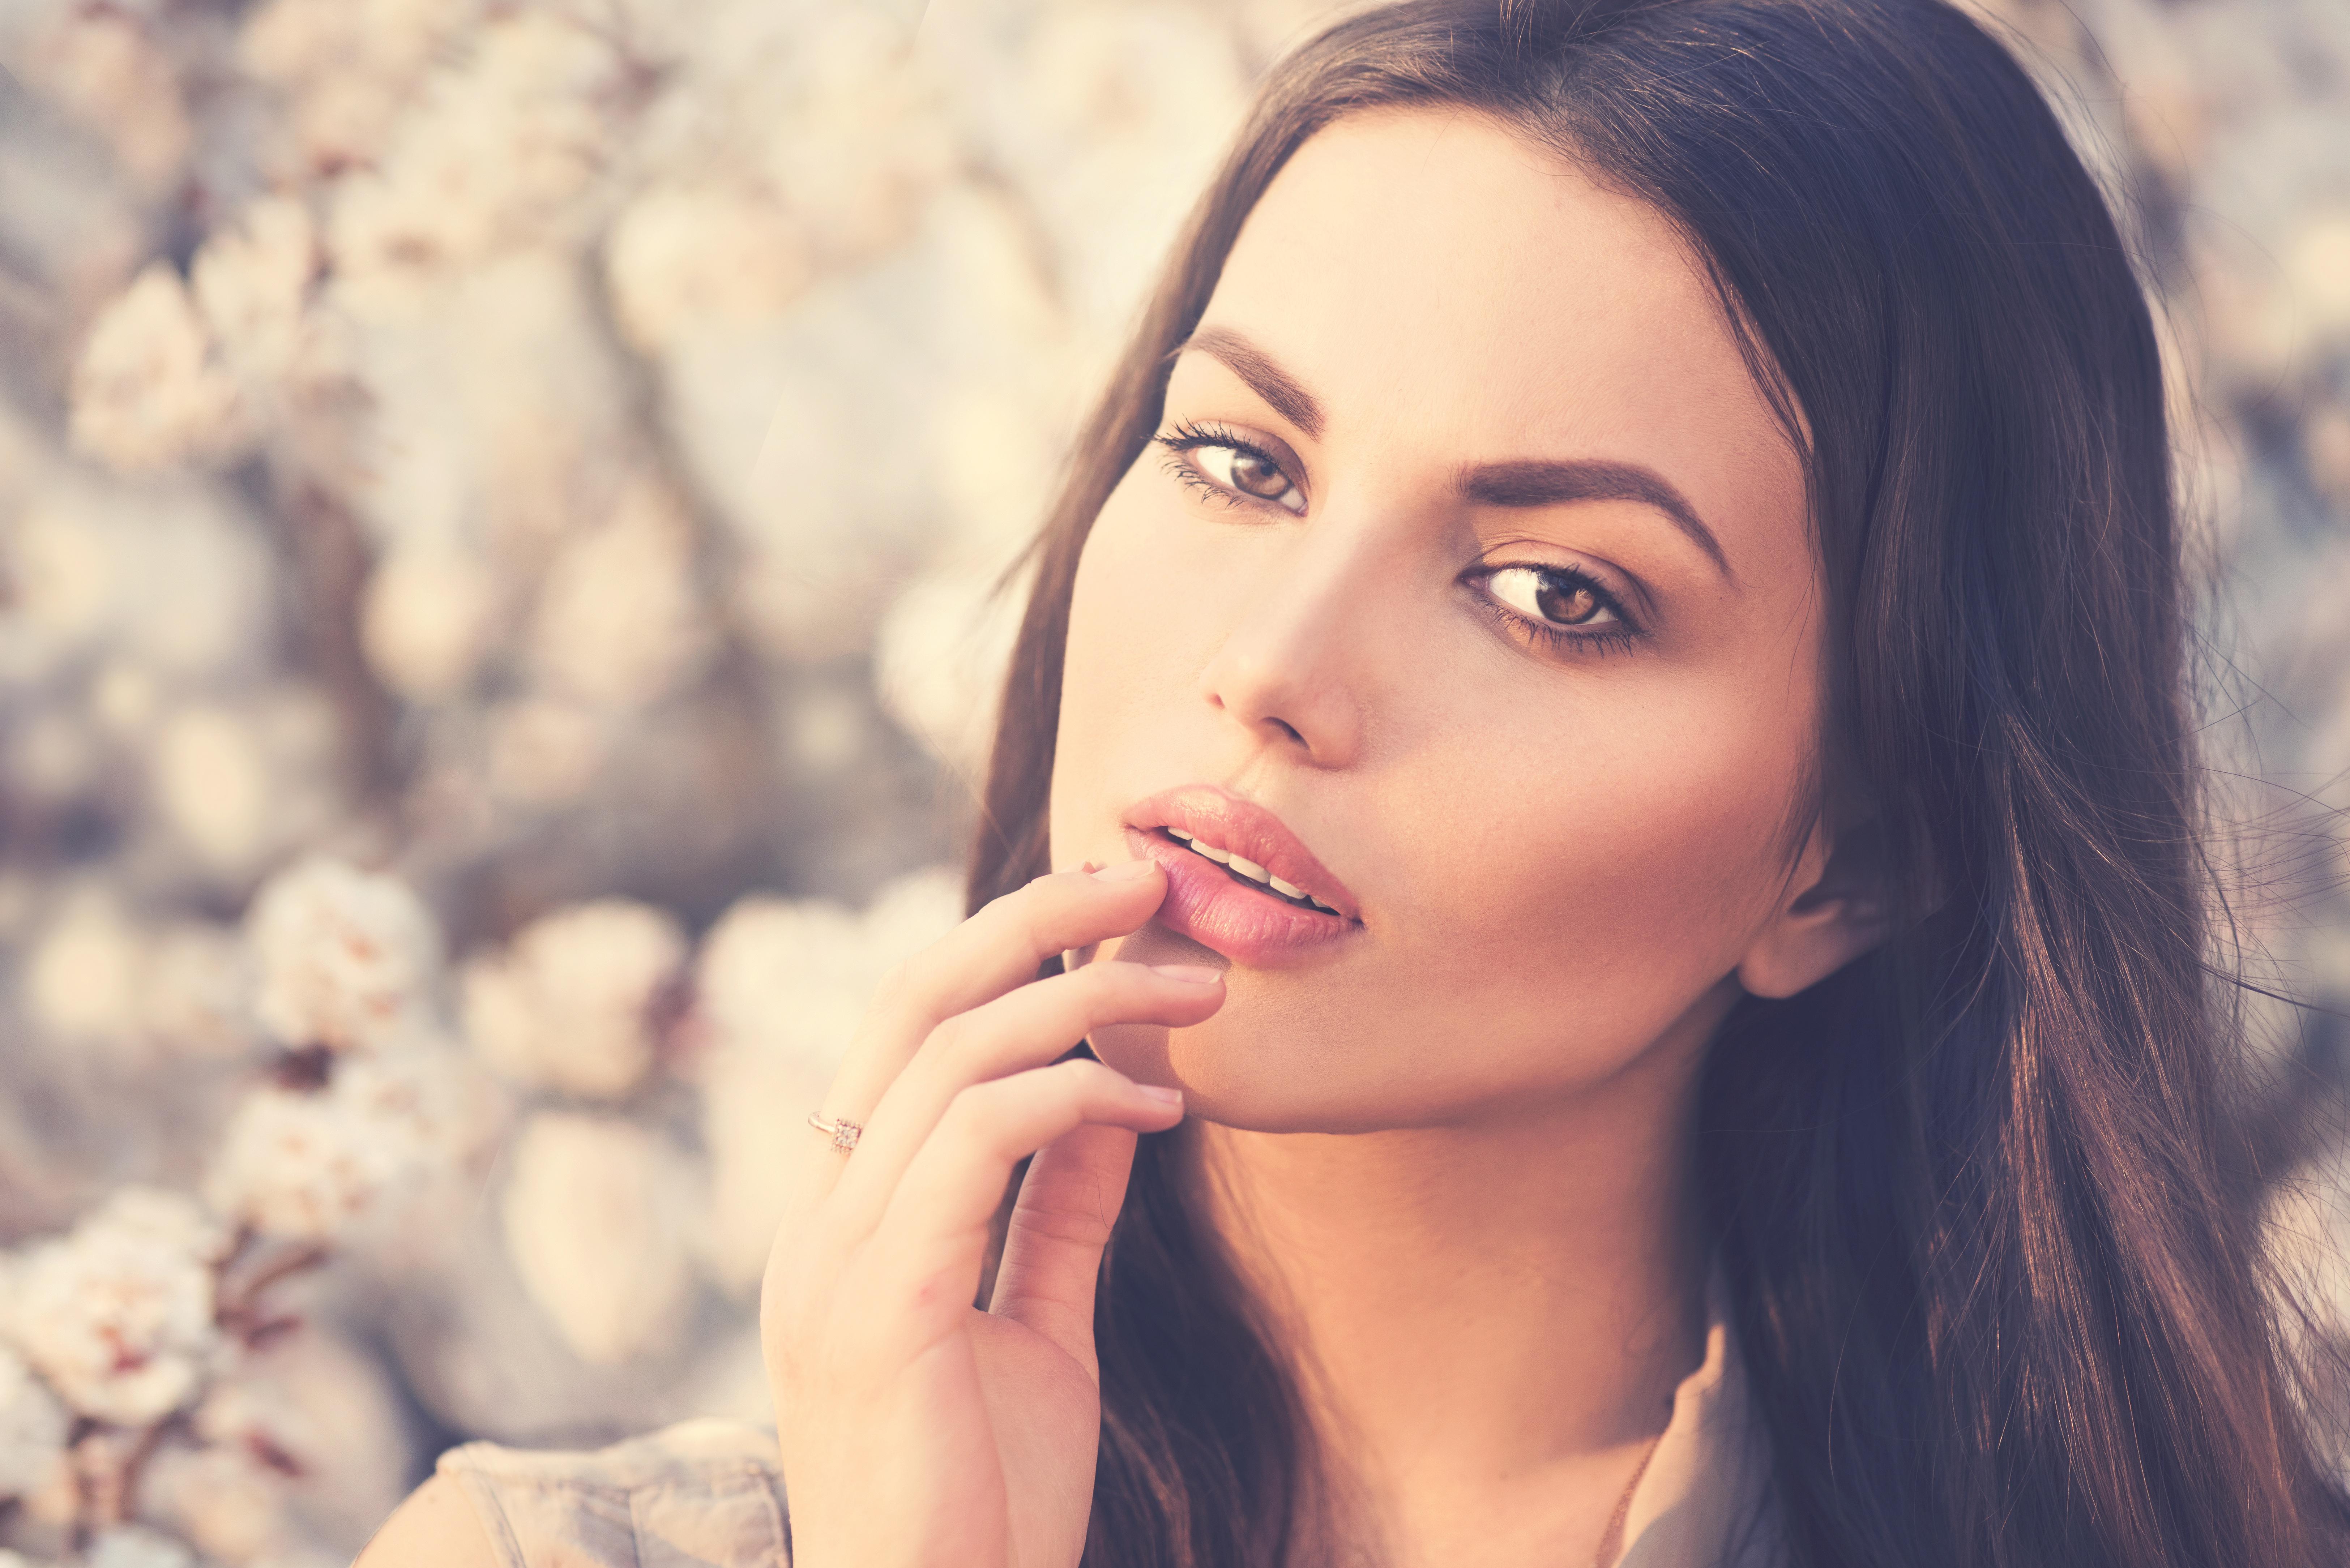 Woman Model Brunette Hazel Eyes Lipstick 6500x4338